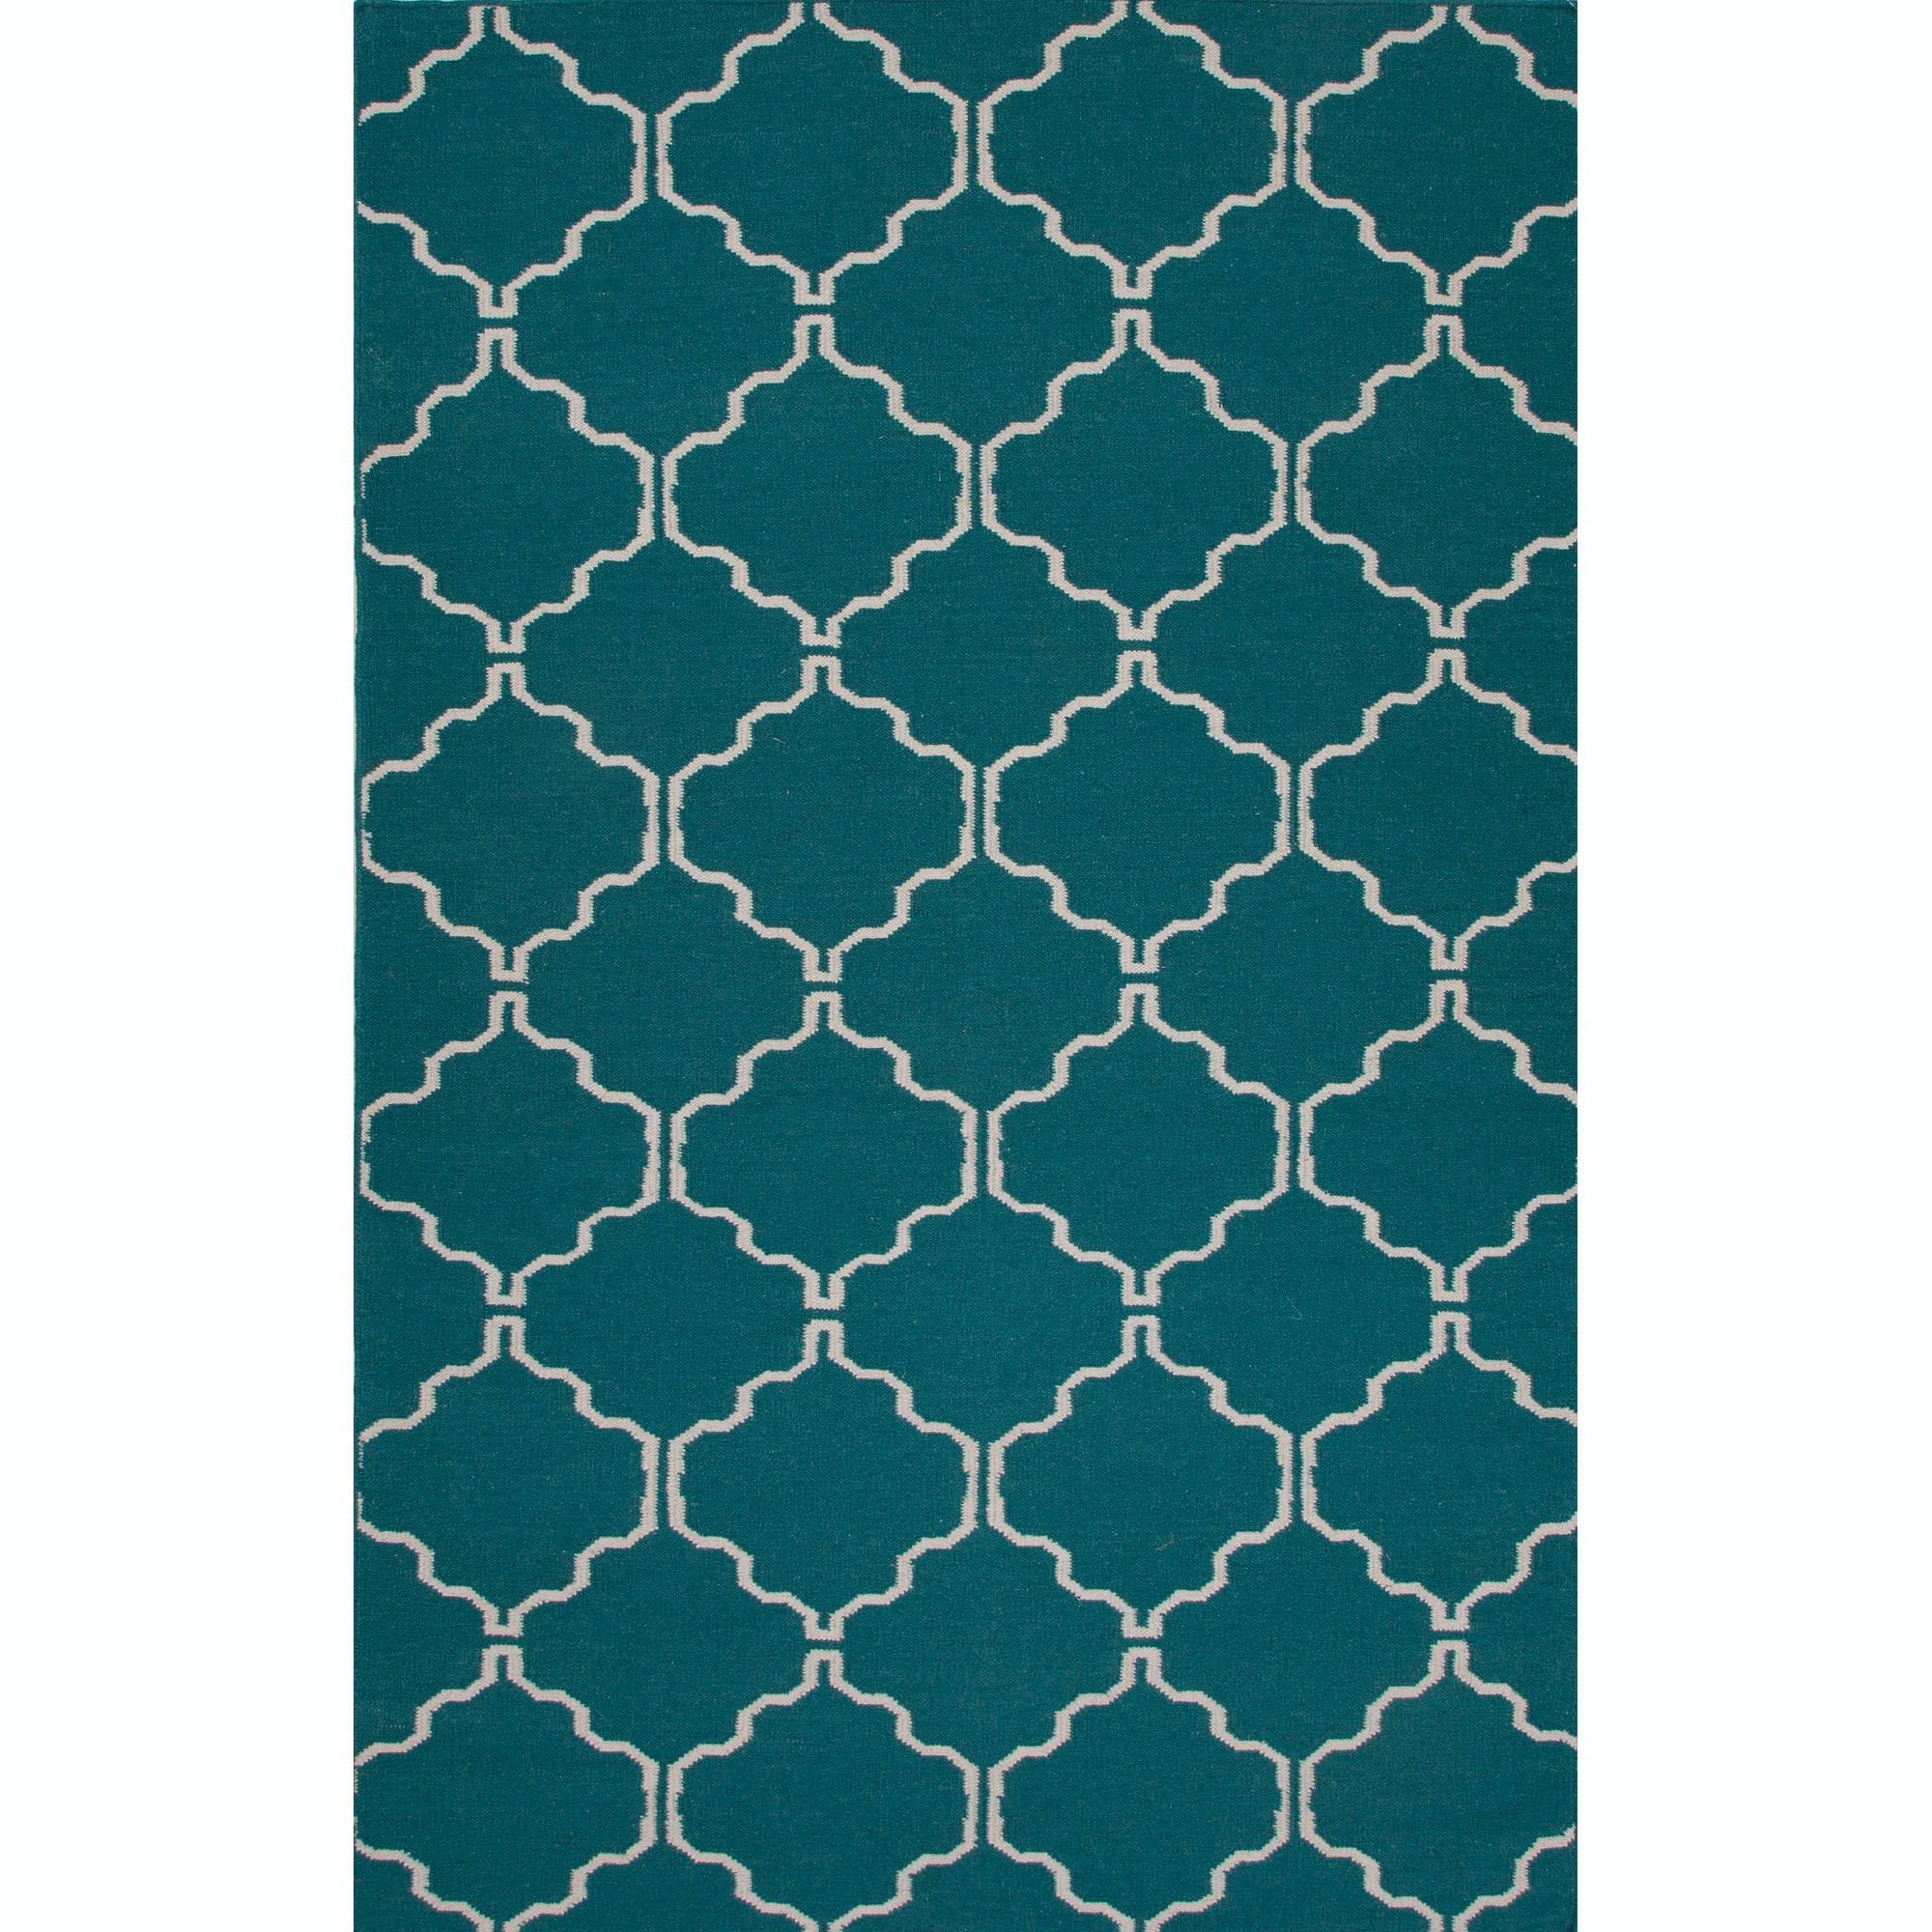 Jaipur Rugs Floor Coverings Jaipur Flat Weave Moroccan Pattern Blue